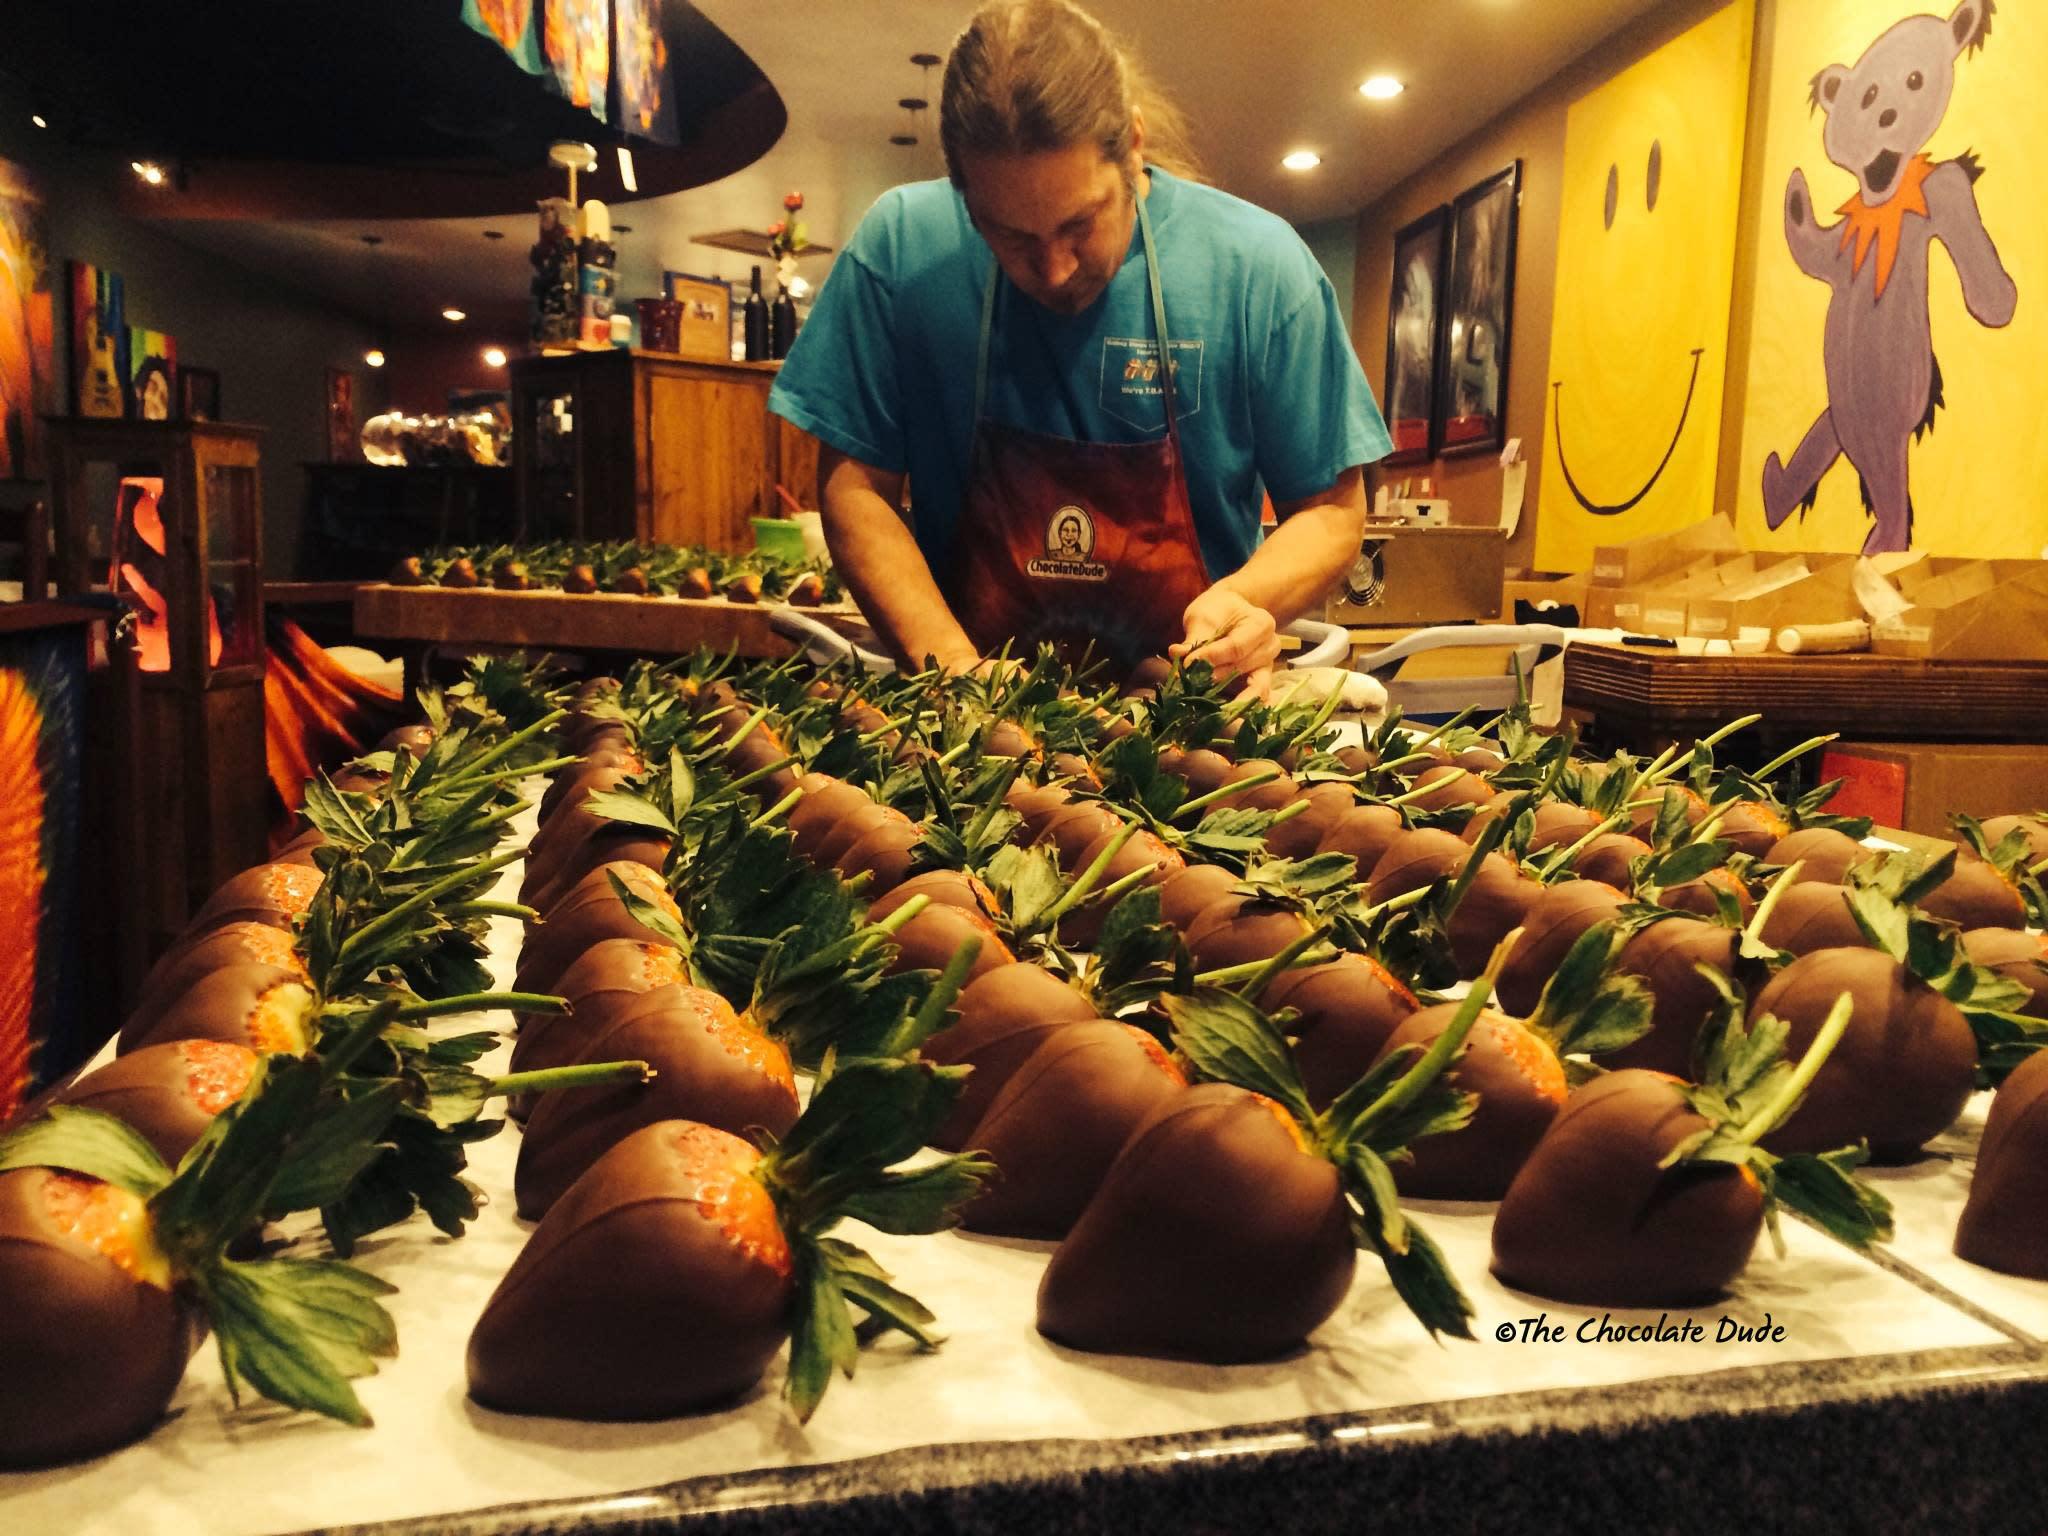 The Chocolate Dude in Nob Hill, Albuquerque